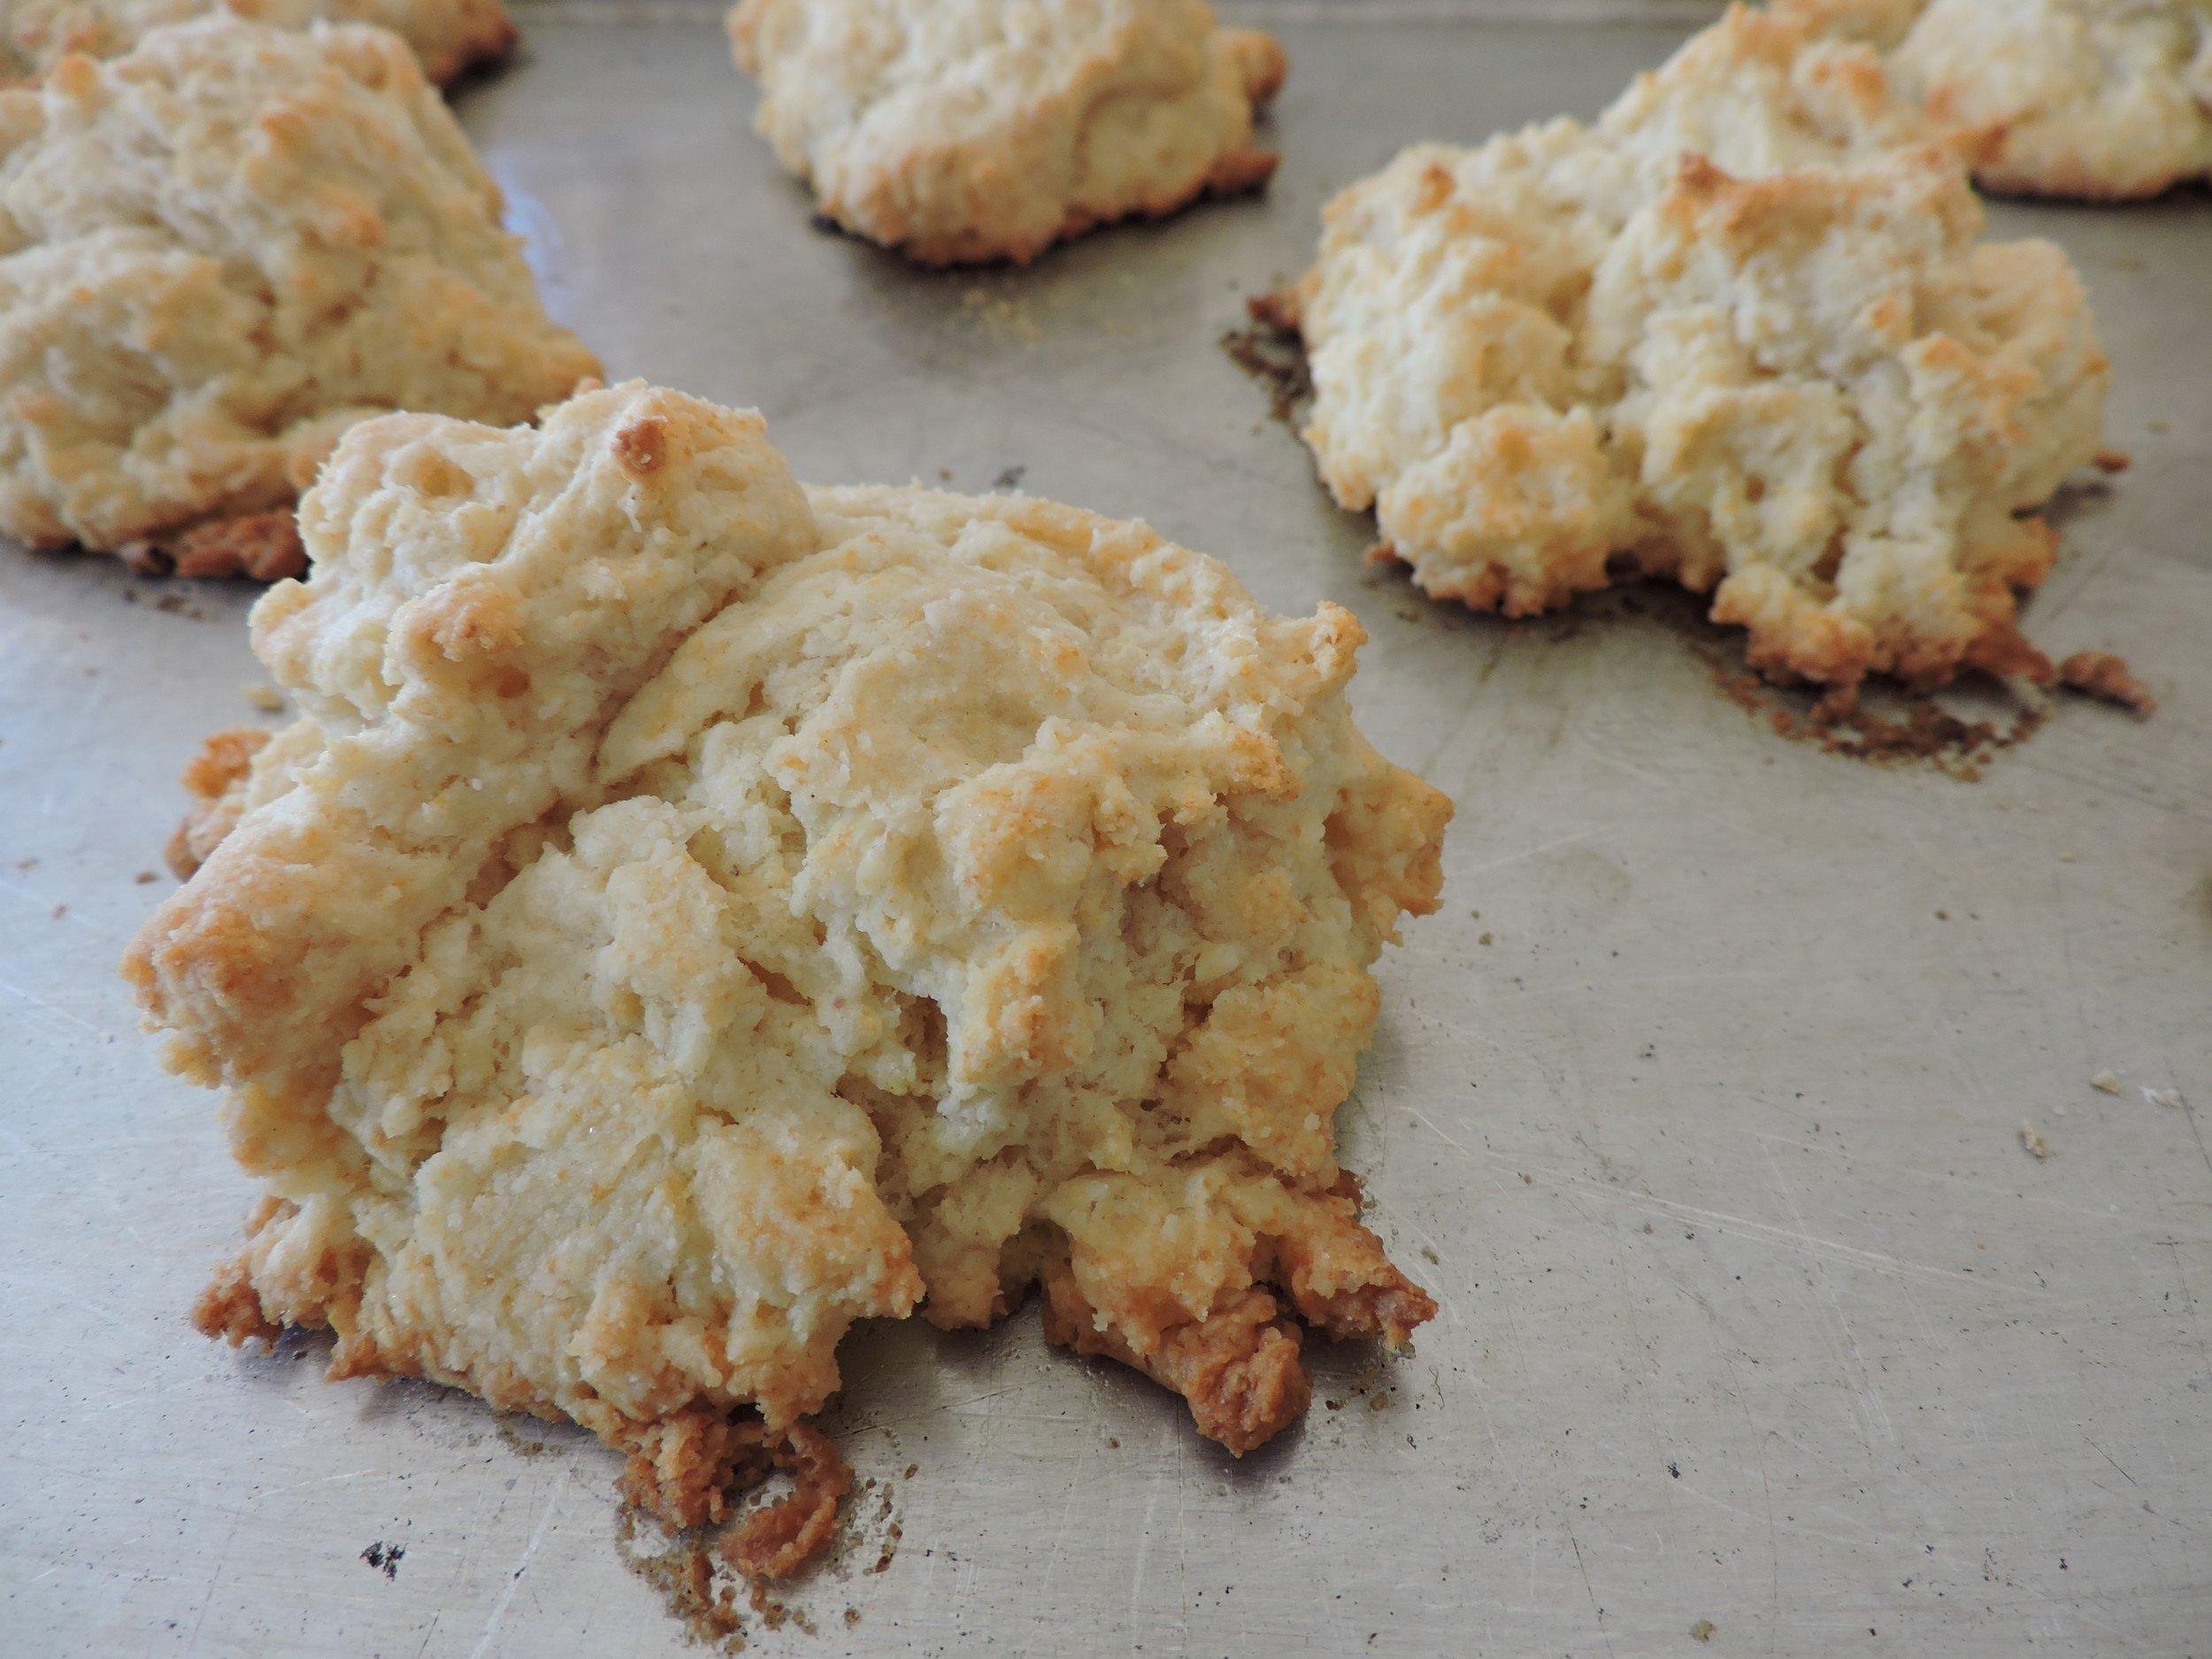 beneaththecrust.biscuits